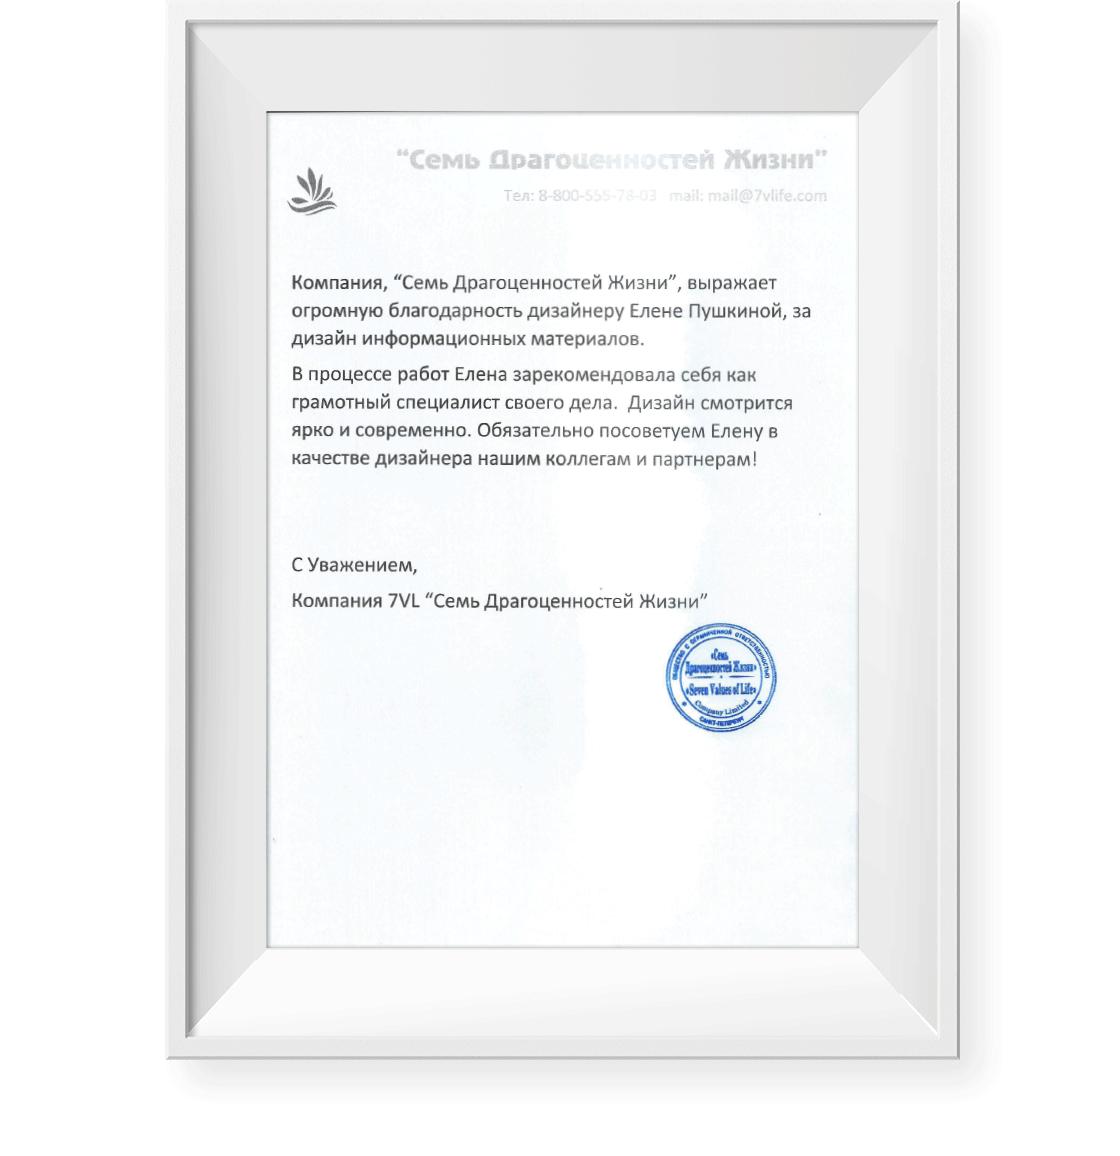 МЛМ компания «Семь драгоценностей жизни» Рекомендации